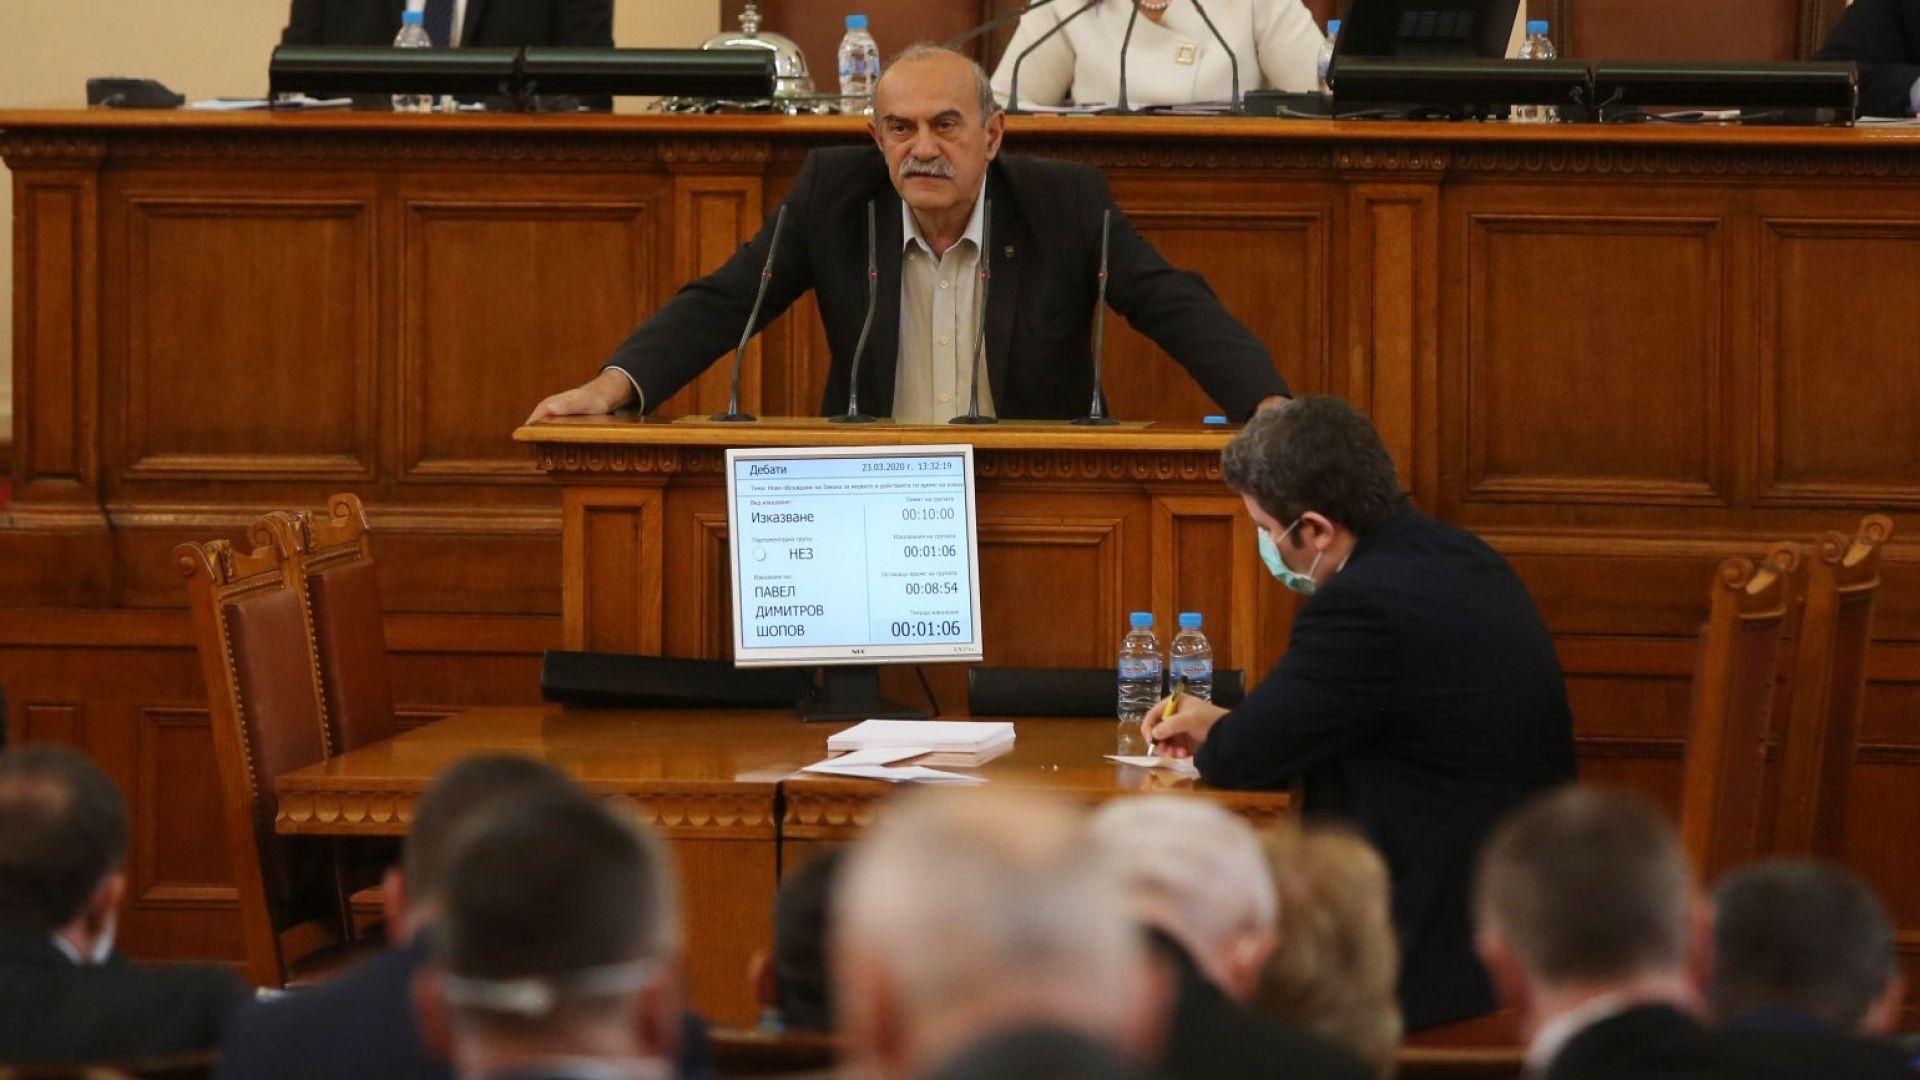 Нов скандал и наказания в парламента заради липса на маски, изведоха Павел Шопов